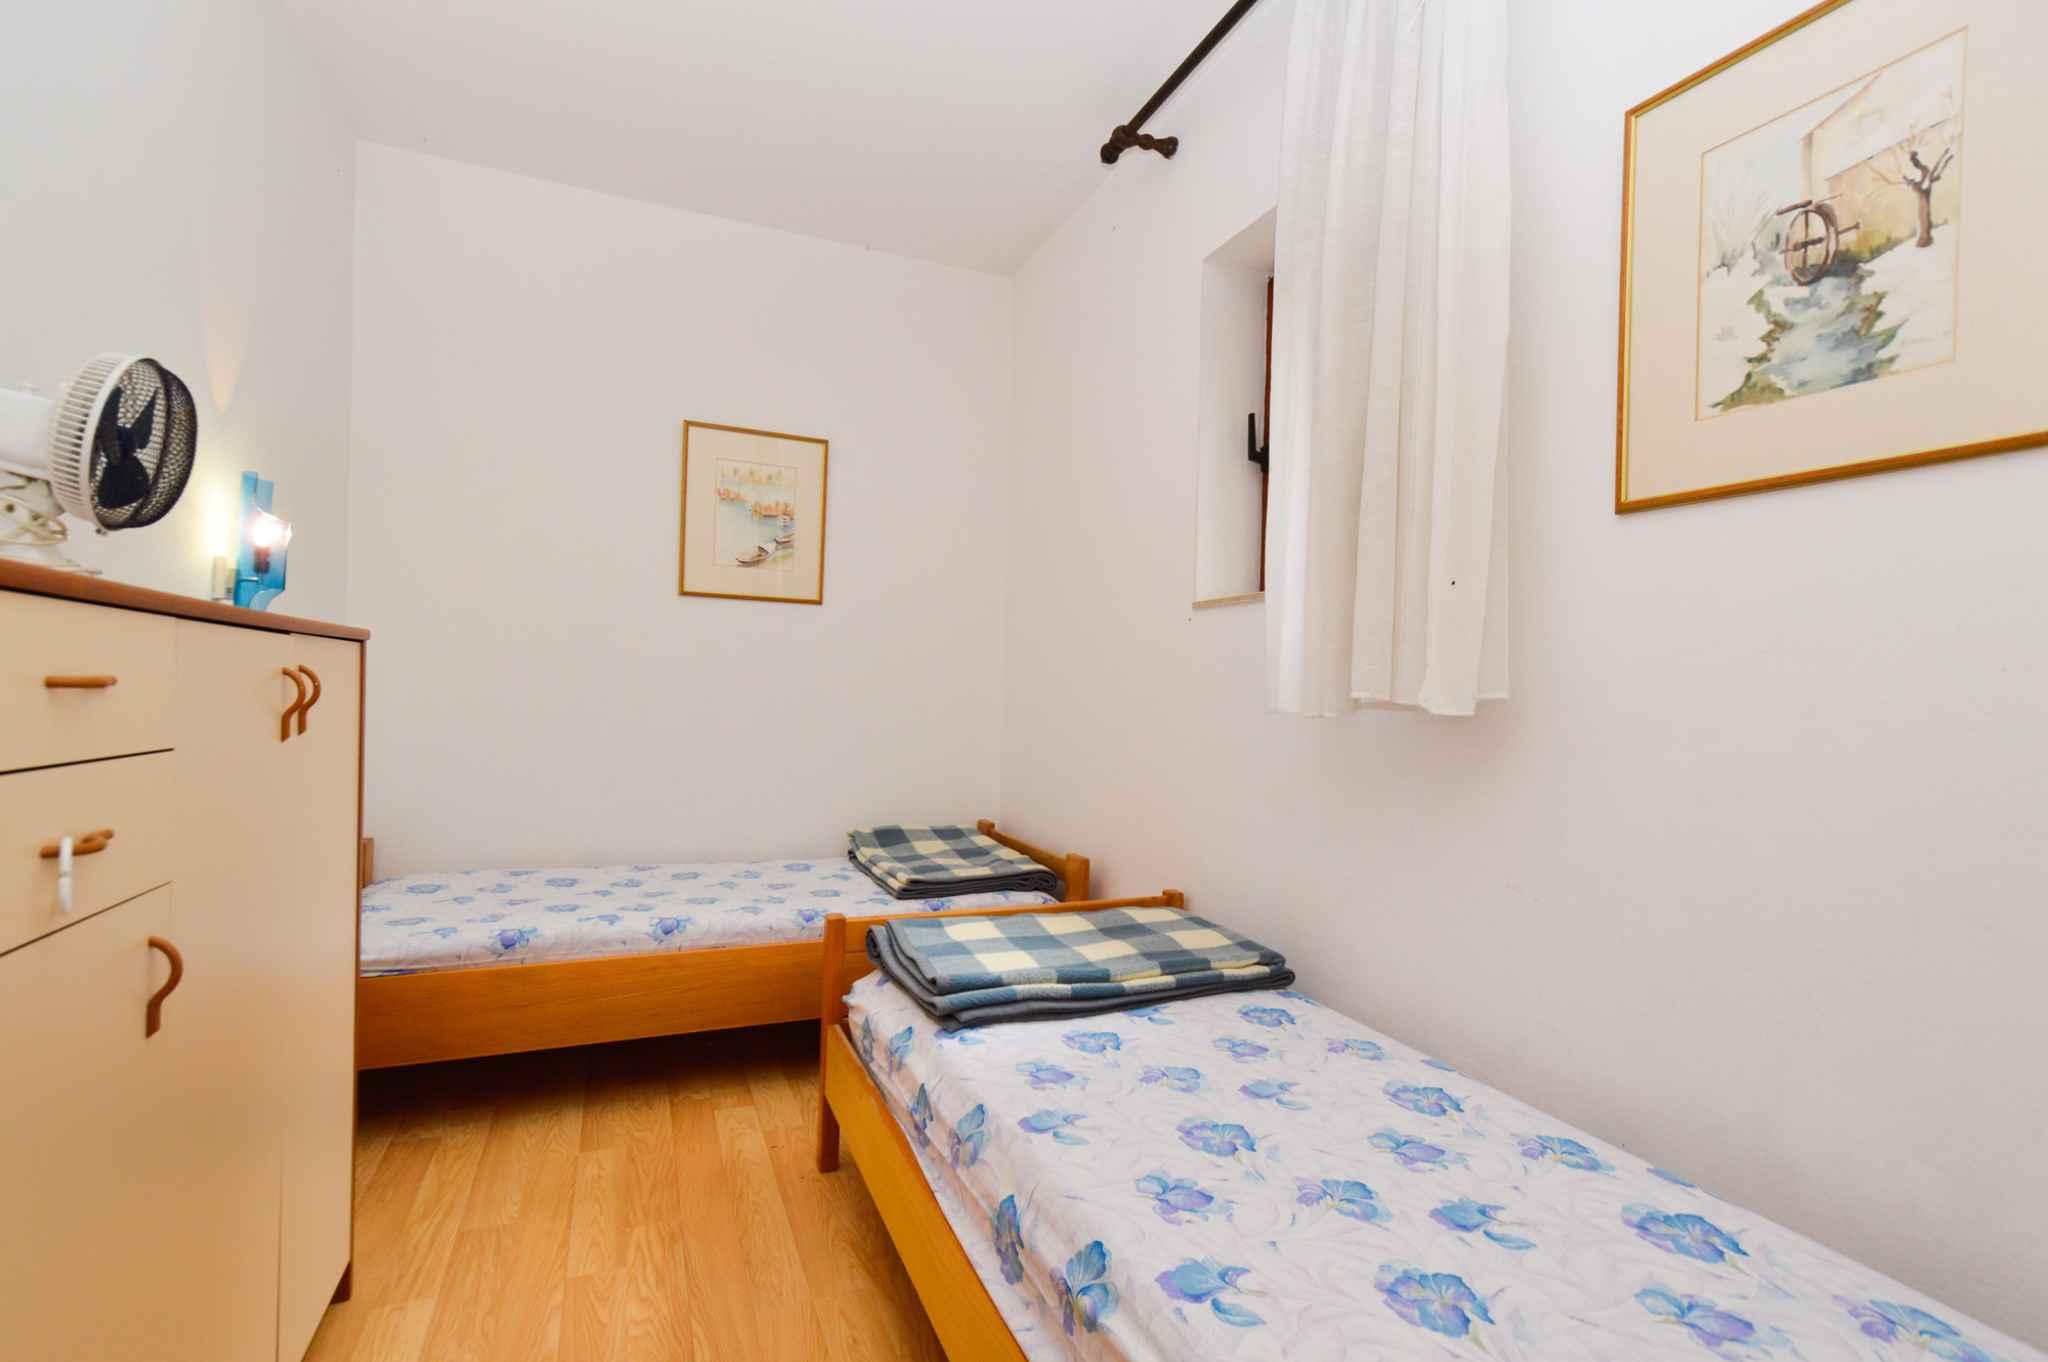 Ferienwohnung in ruhiger Lage (280677), Pula, , Istrien, Kroatien, Bild 21